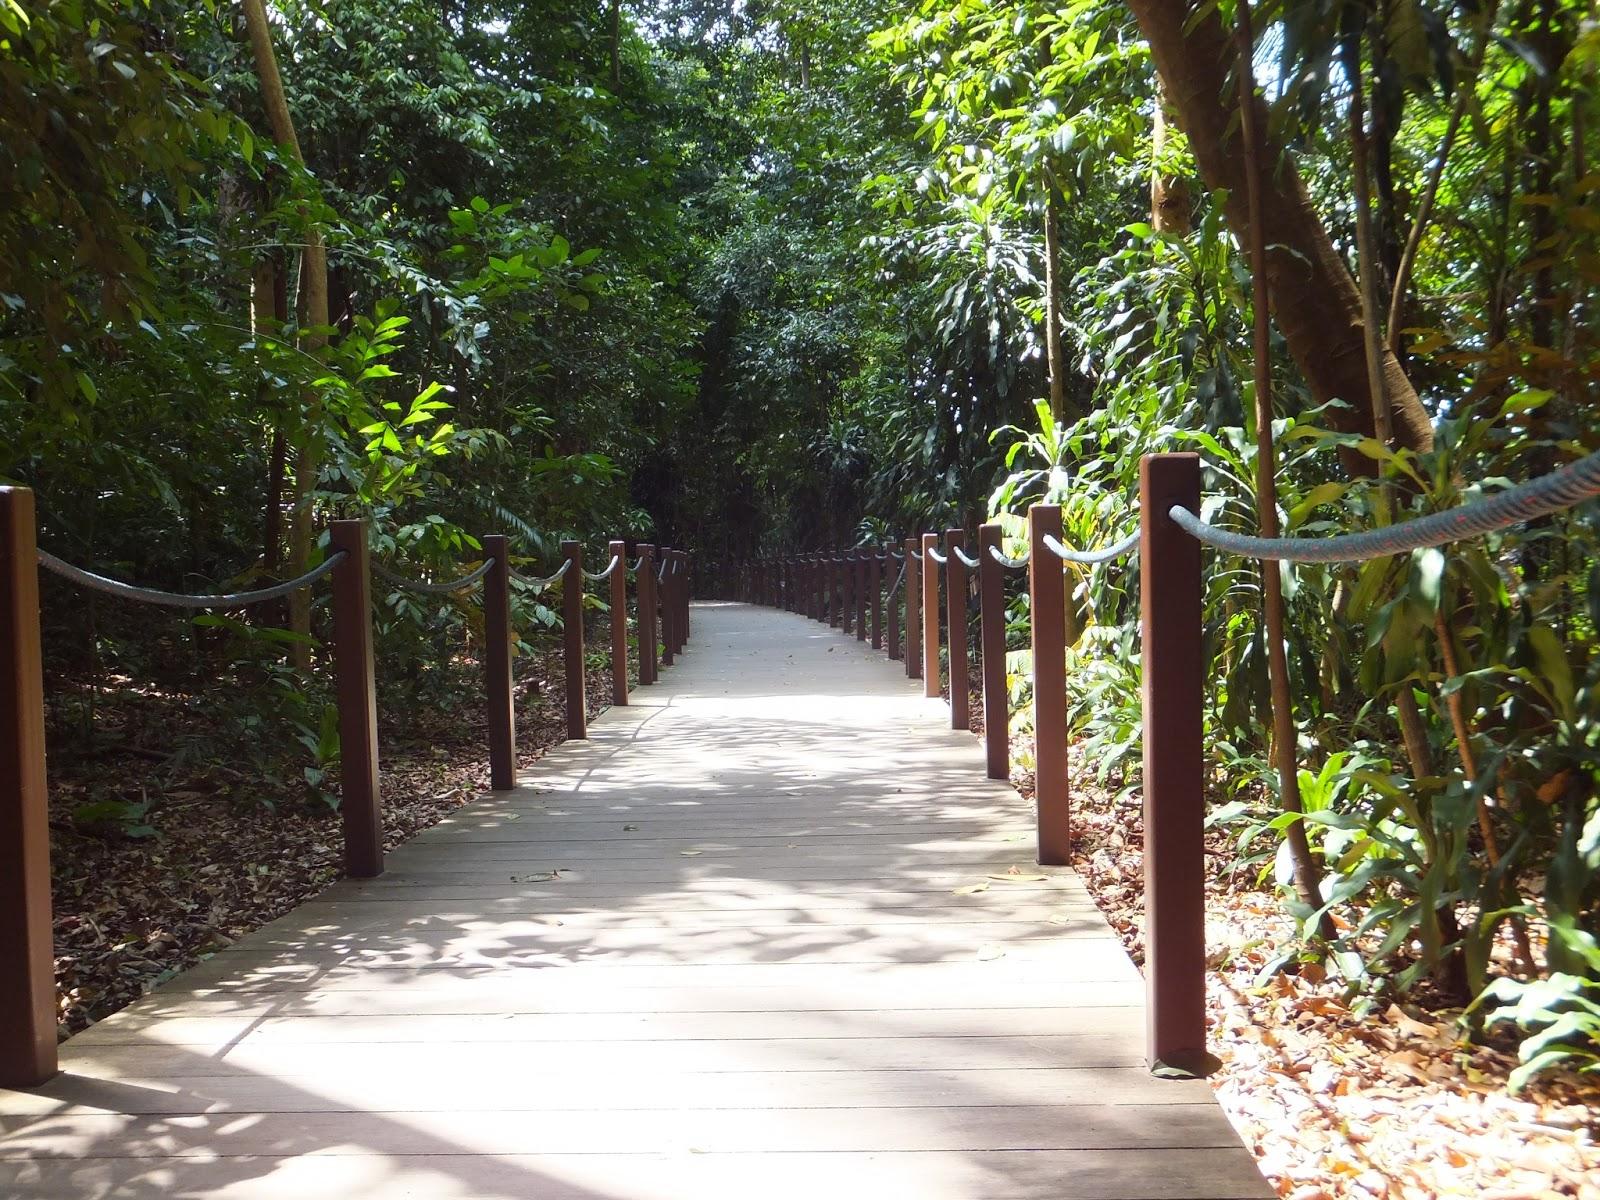 300 Garden Walk: Coffs Harbour Garden Club: Singapore Botanic Gardens